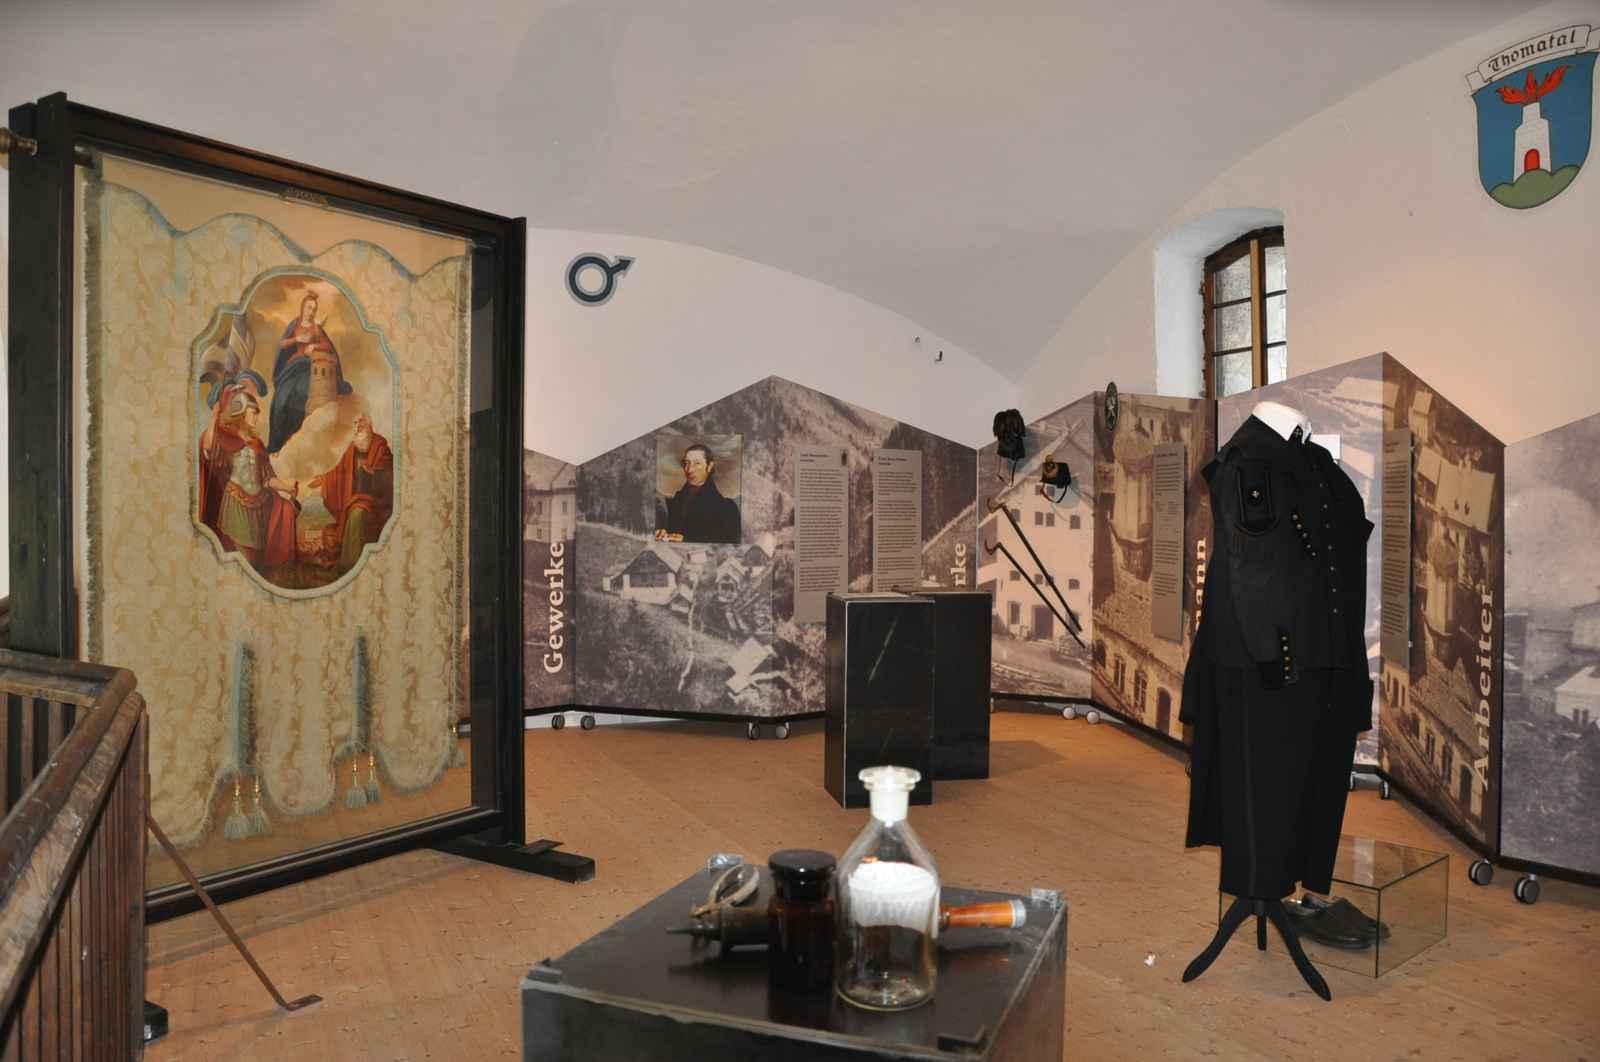 Zwischengeschoss Sozialgeschichte mit Zunftfahne, Medizinvitrine und Paradeuniform